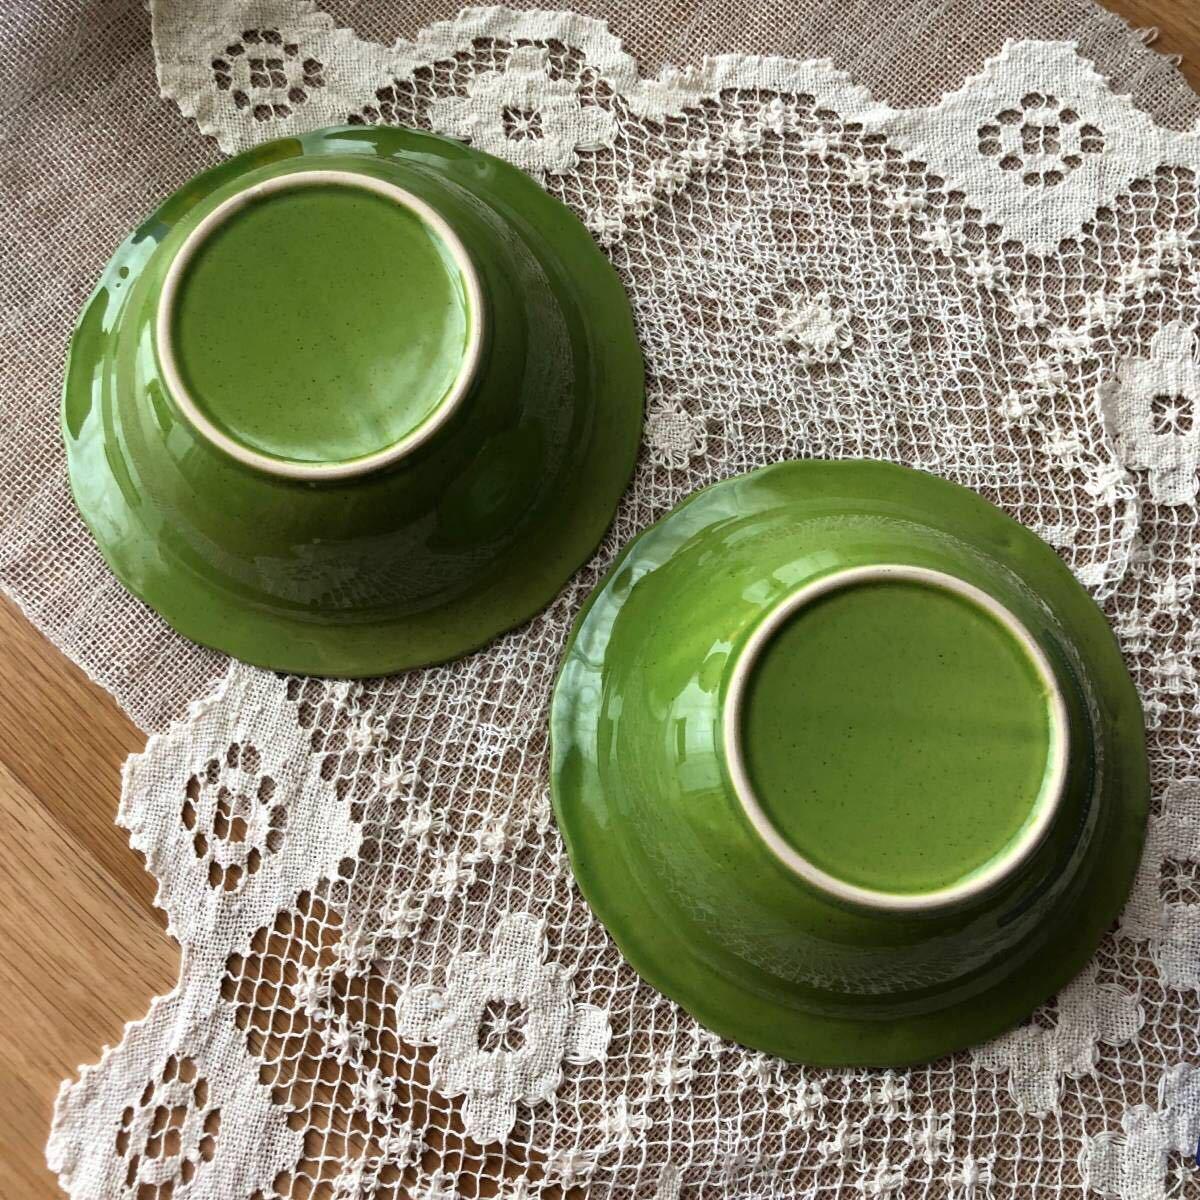 2点セット☆ フリーボウル 20cm リム オリーブ グリーン緑 ラーメン鉢 スープ サラダ パスタ 丼もの 麺料理 ナチュラル studio CLIP購入_画像5